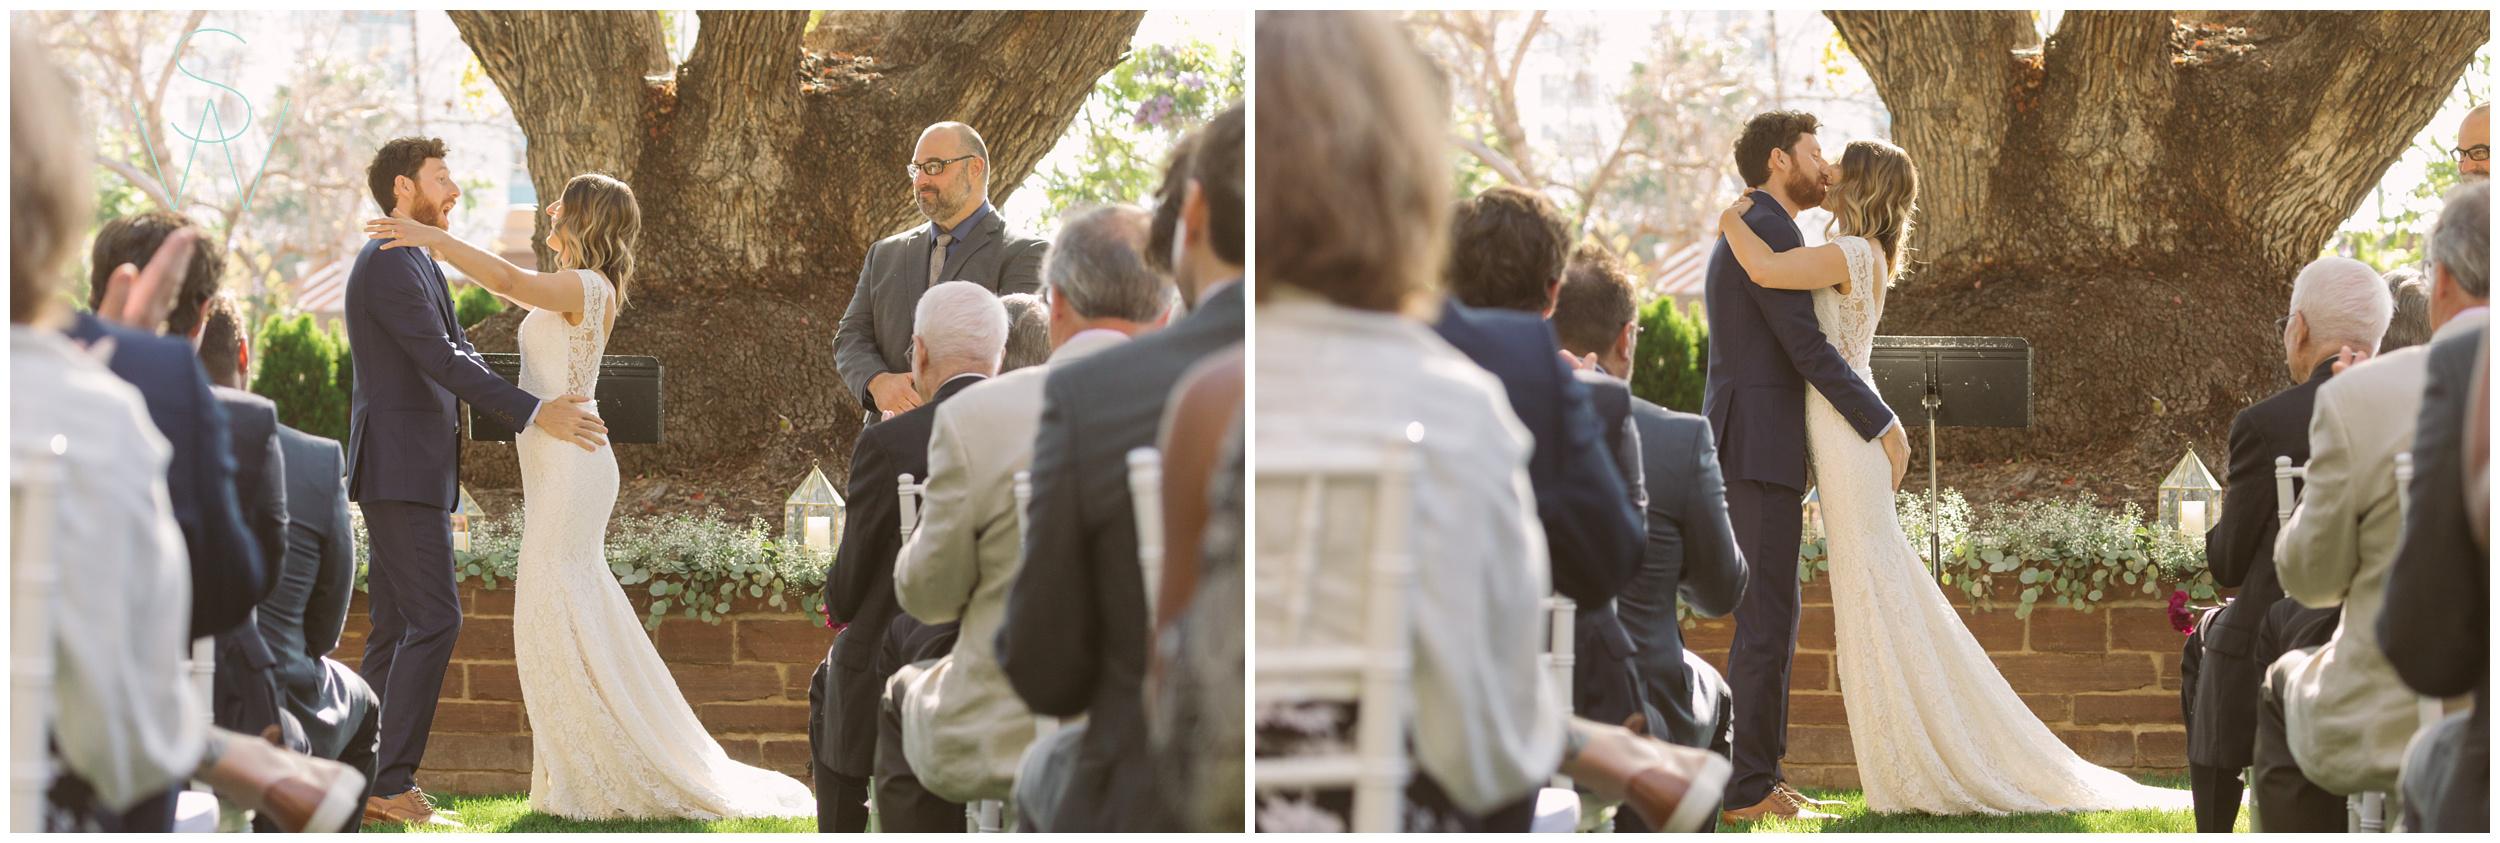 shewanders.san.diego.wedding.britt.scripps.inn-153.jpg